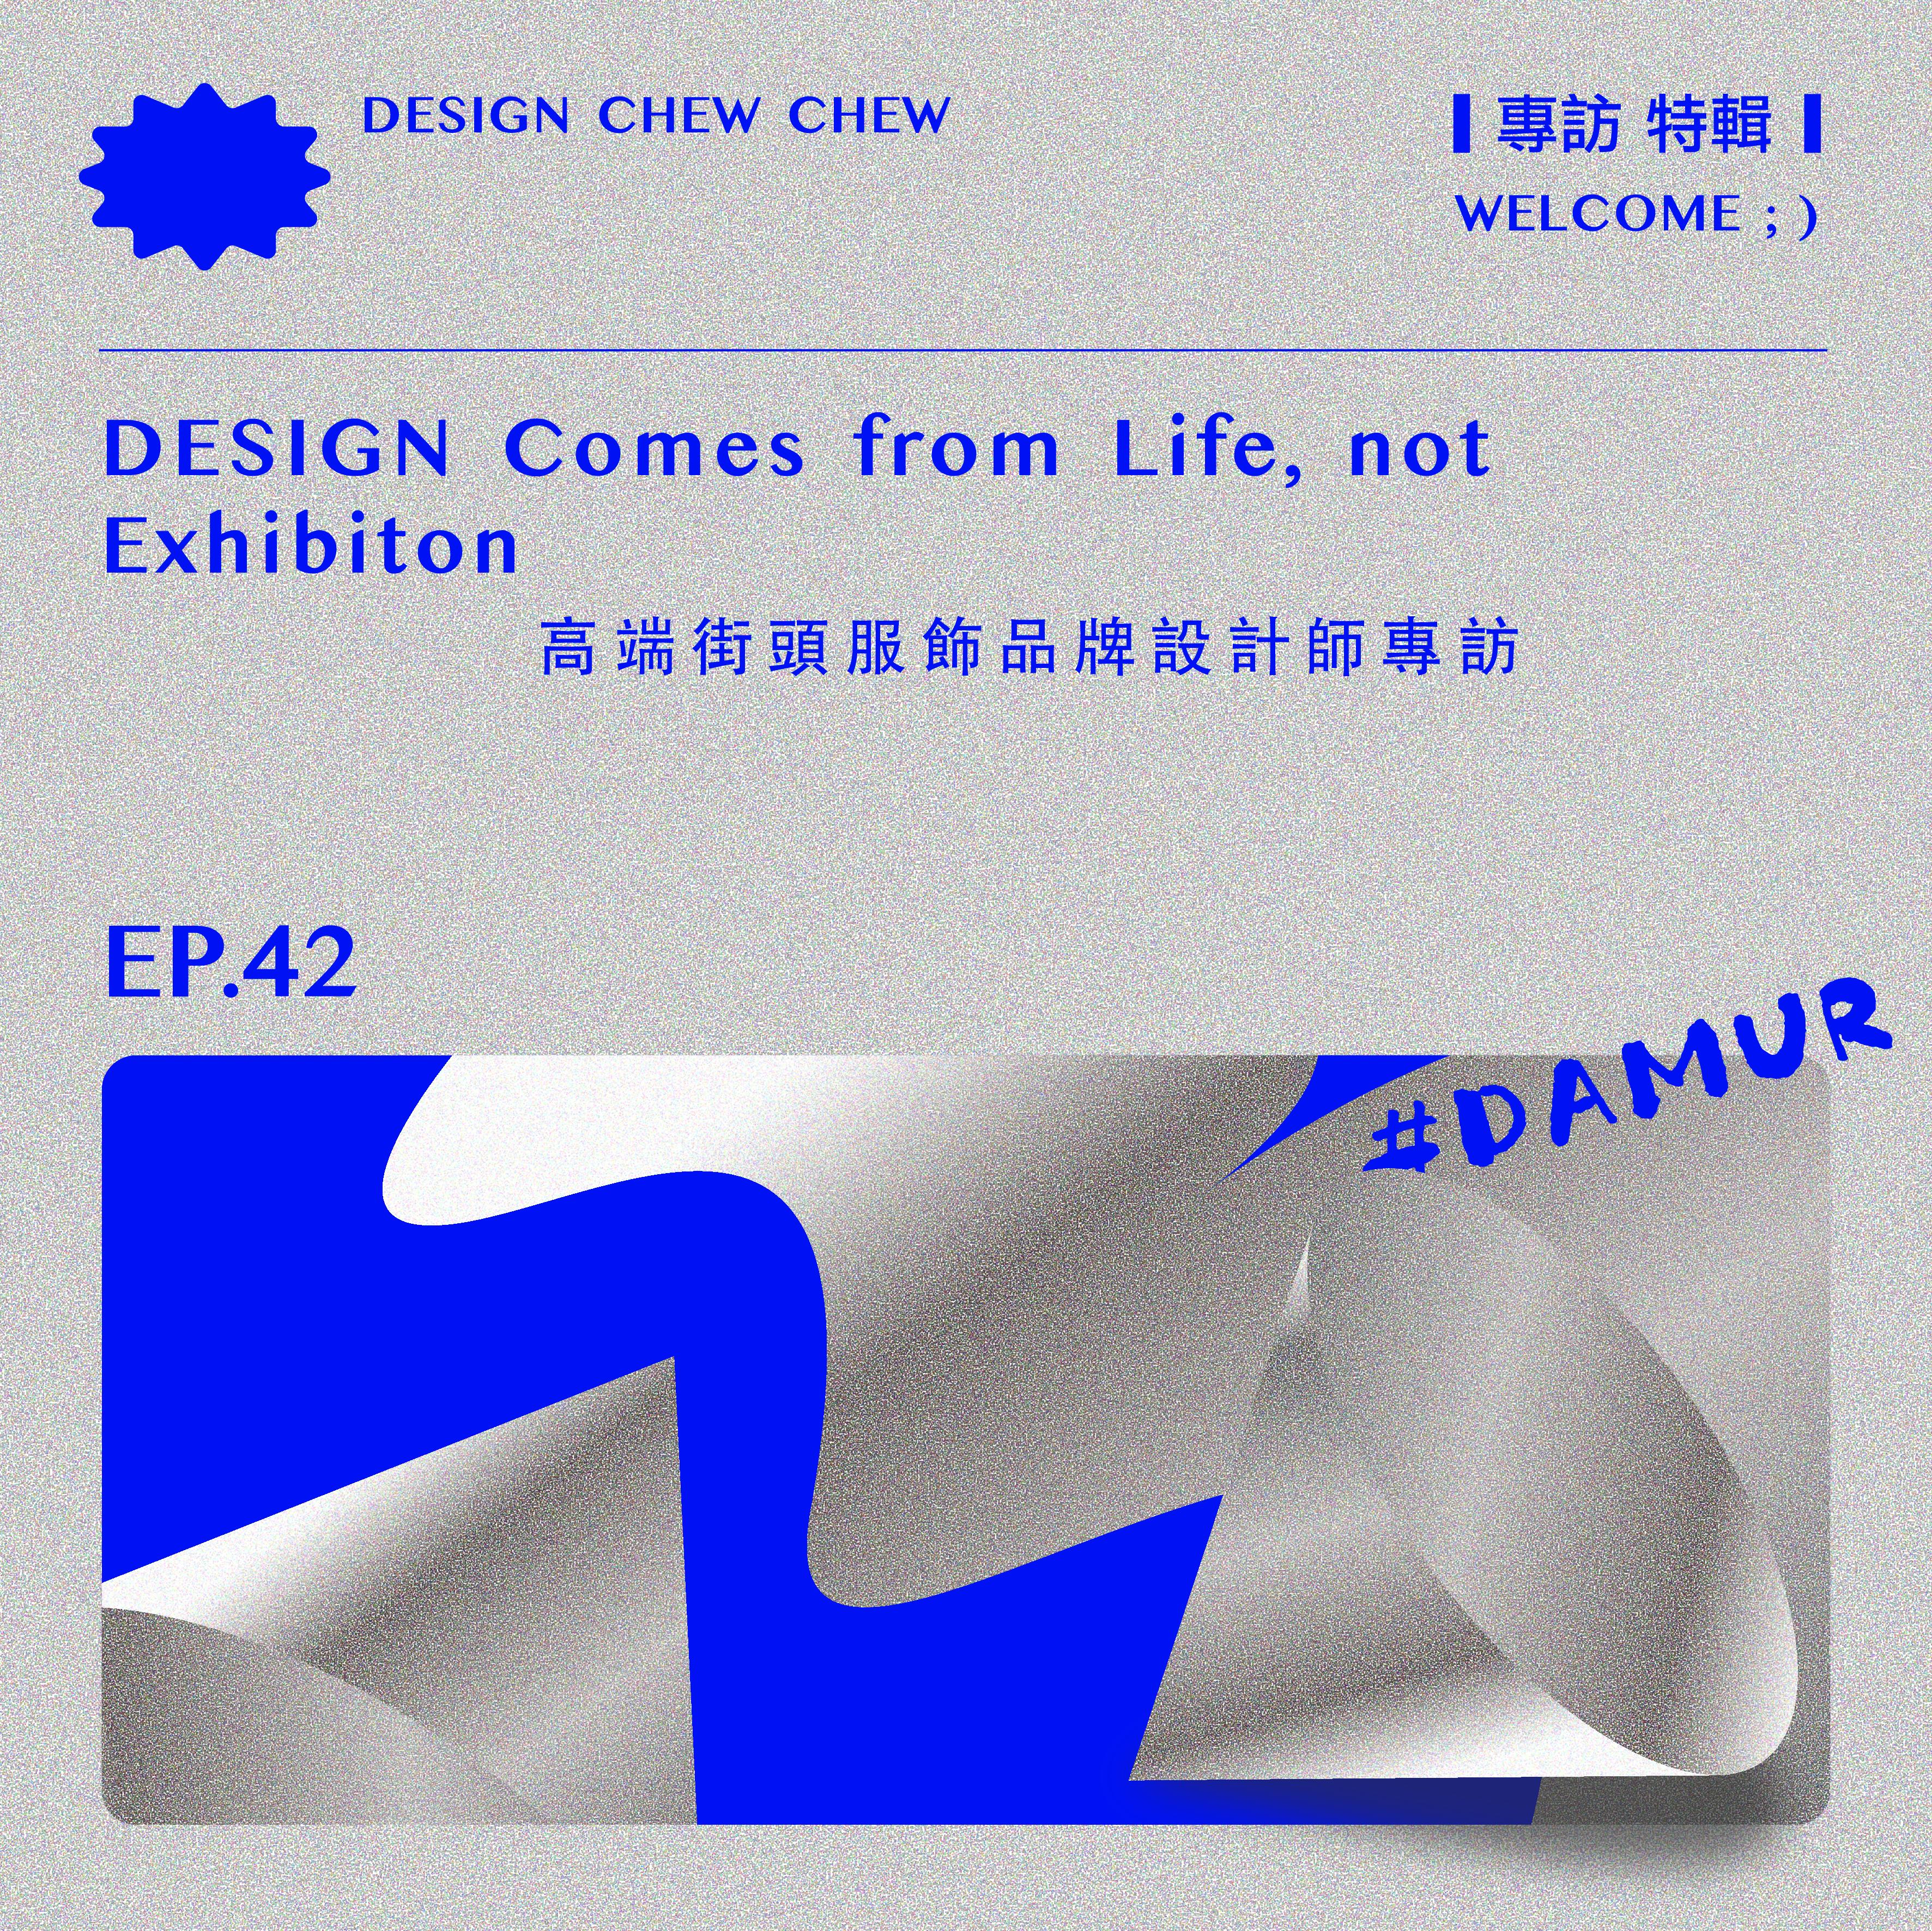 EP.42 [ 專訪特輯 ] 產品設計X服裝設計:高端街頭服飾品牌設計師DAMUR專訪,設計源自於生活,而不是展覽或雜誌!